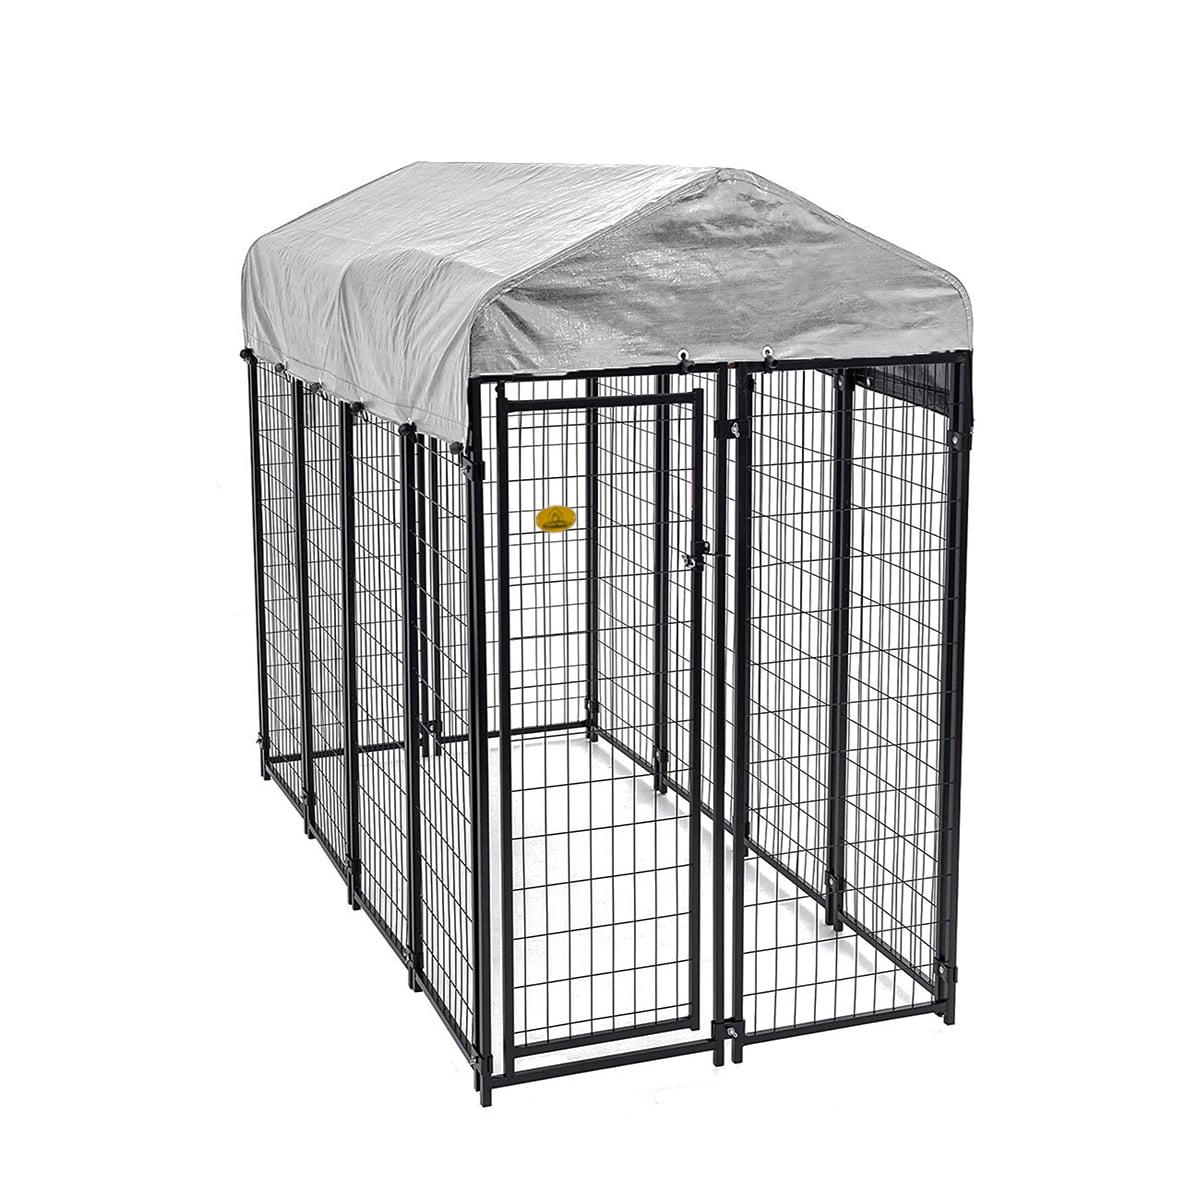 KennelMaster Welded Wire Dog Kennel, 6'H x 4'W x 8'L